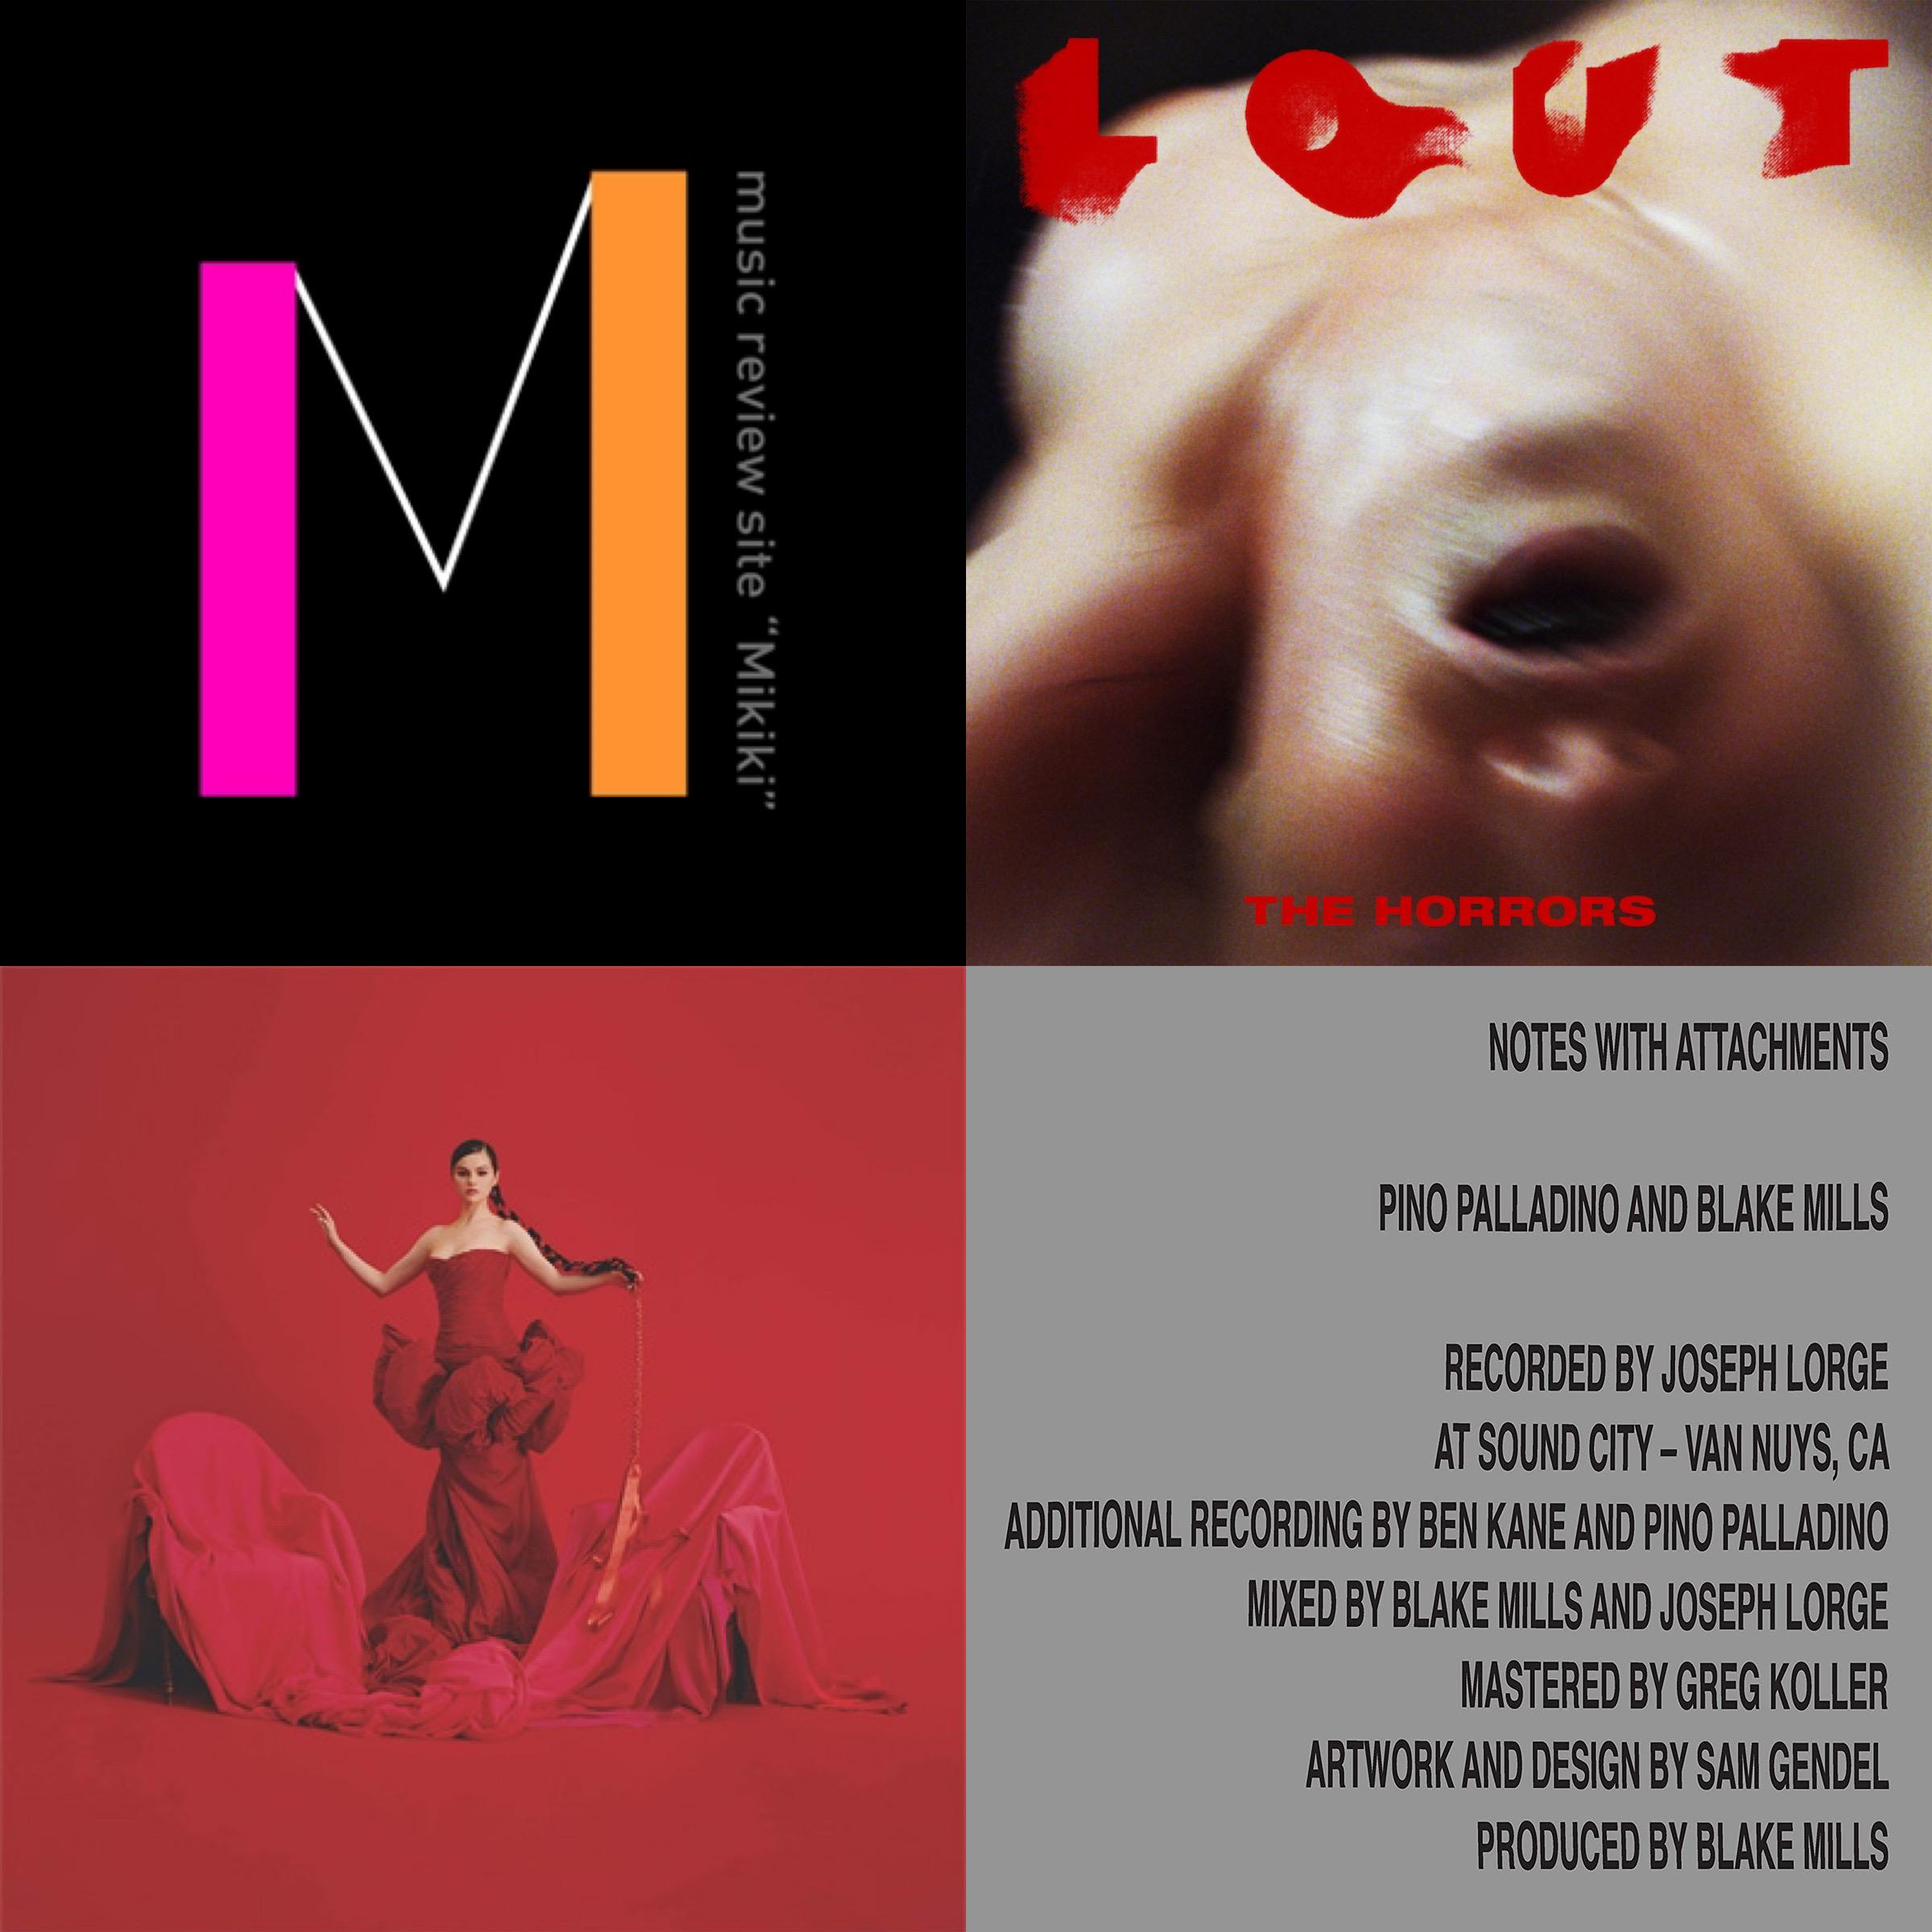 セレーナ・ゴメス(Selena Gomez)、ホラーズ(The Horrors)など今週リリースのMikiki推し洋楽アルバム/EP7選!